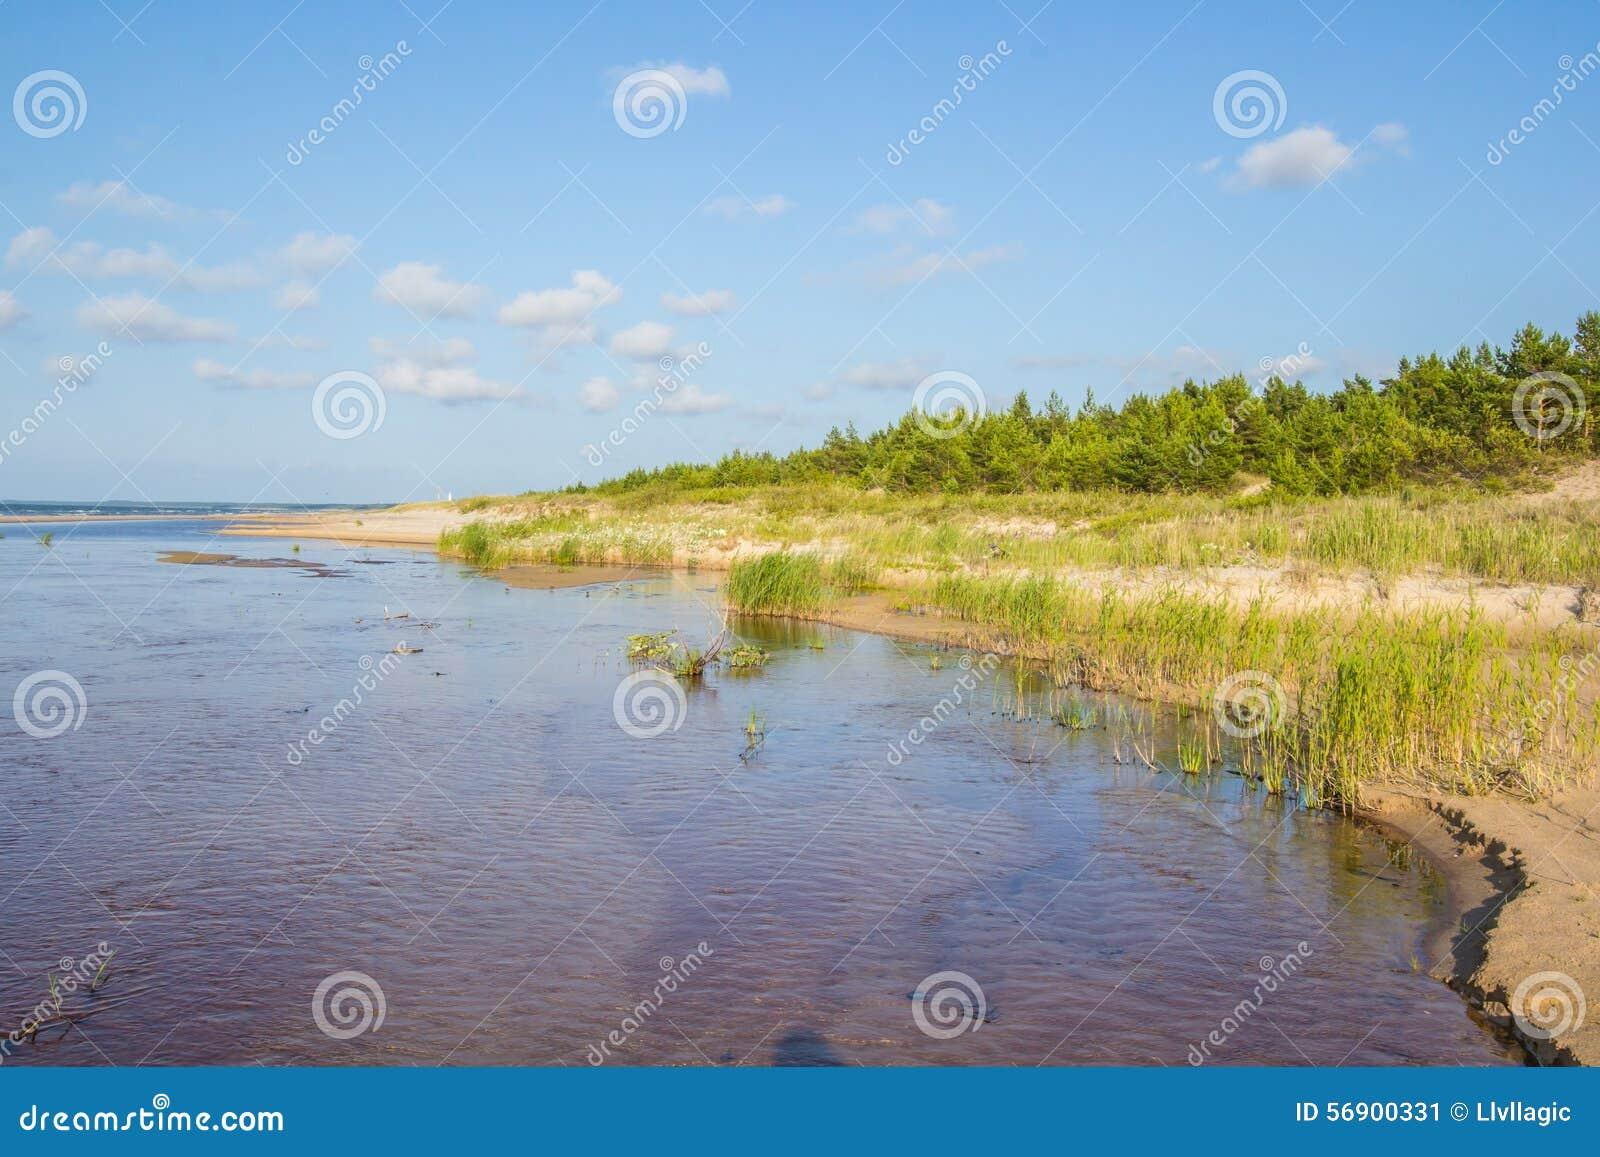 βήματα άμμου της Ρωσίας kurshskaya kosa οριζόντων αμμόλοφων που τεντώνουν